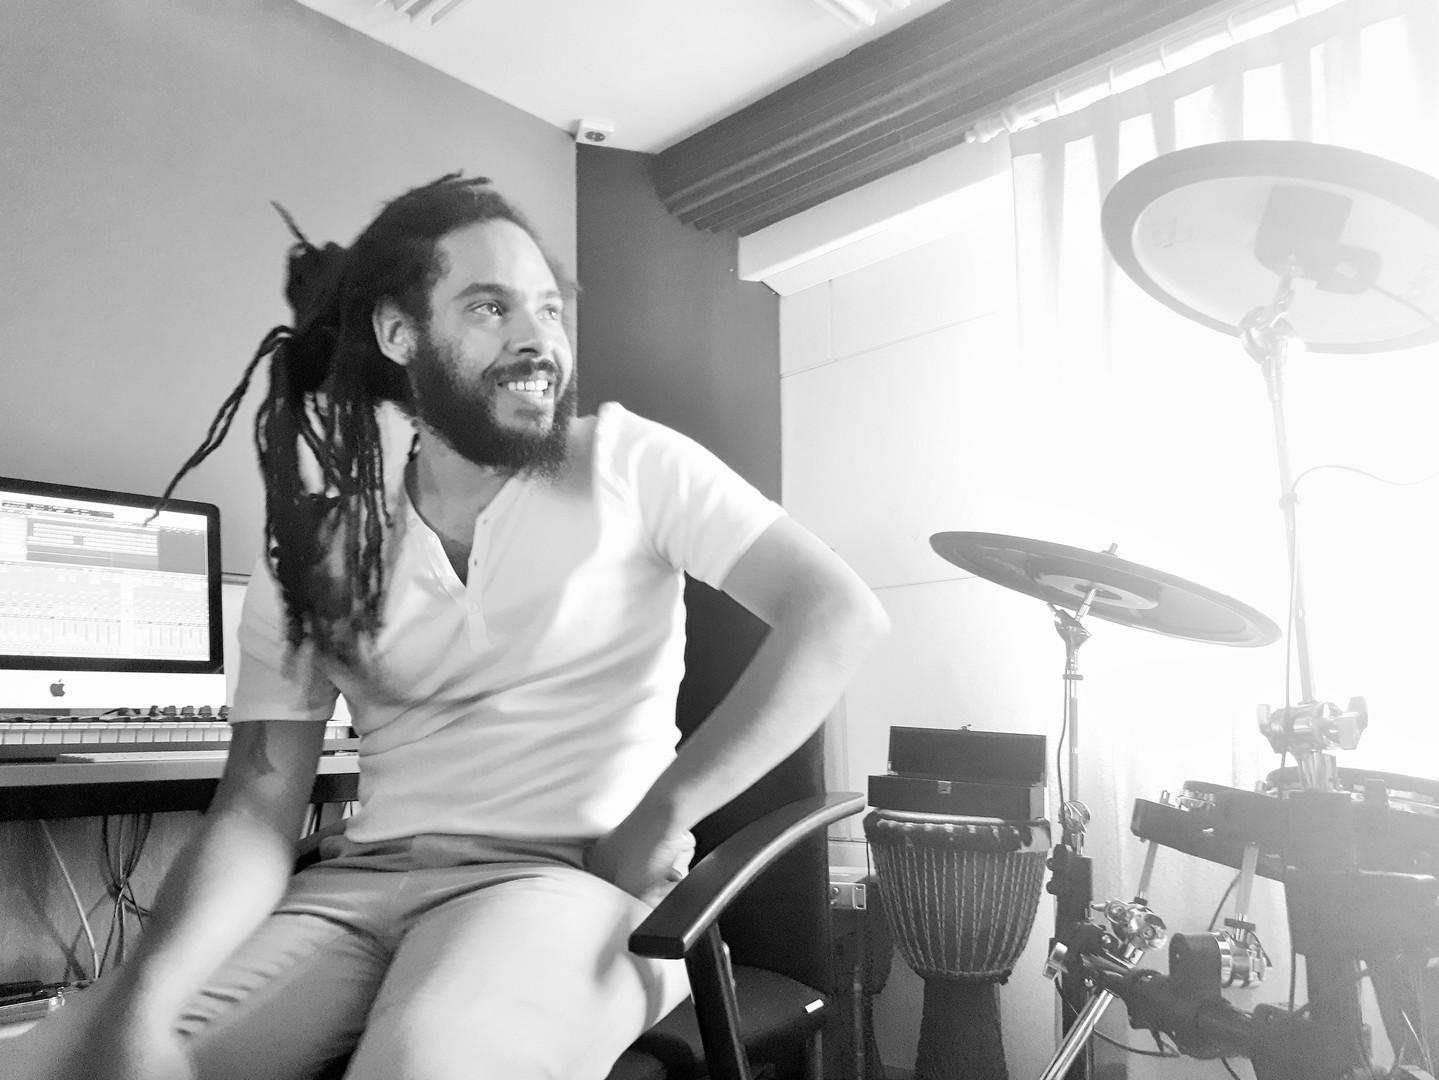 Steve Hendrix @ Independart Studio